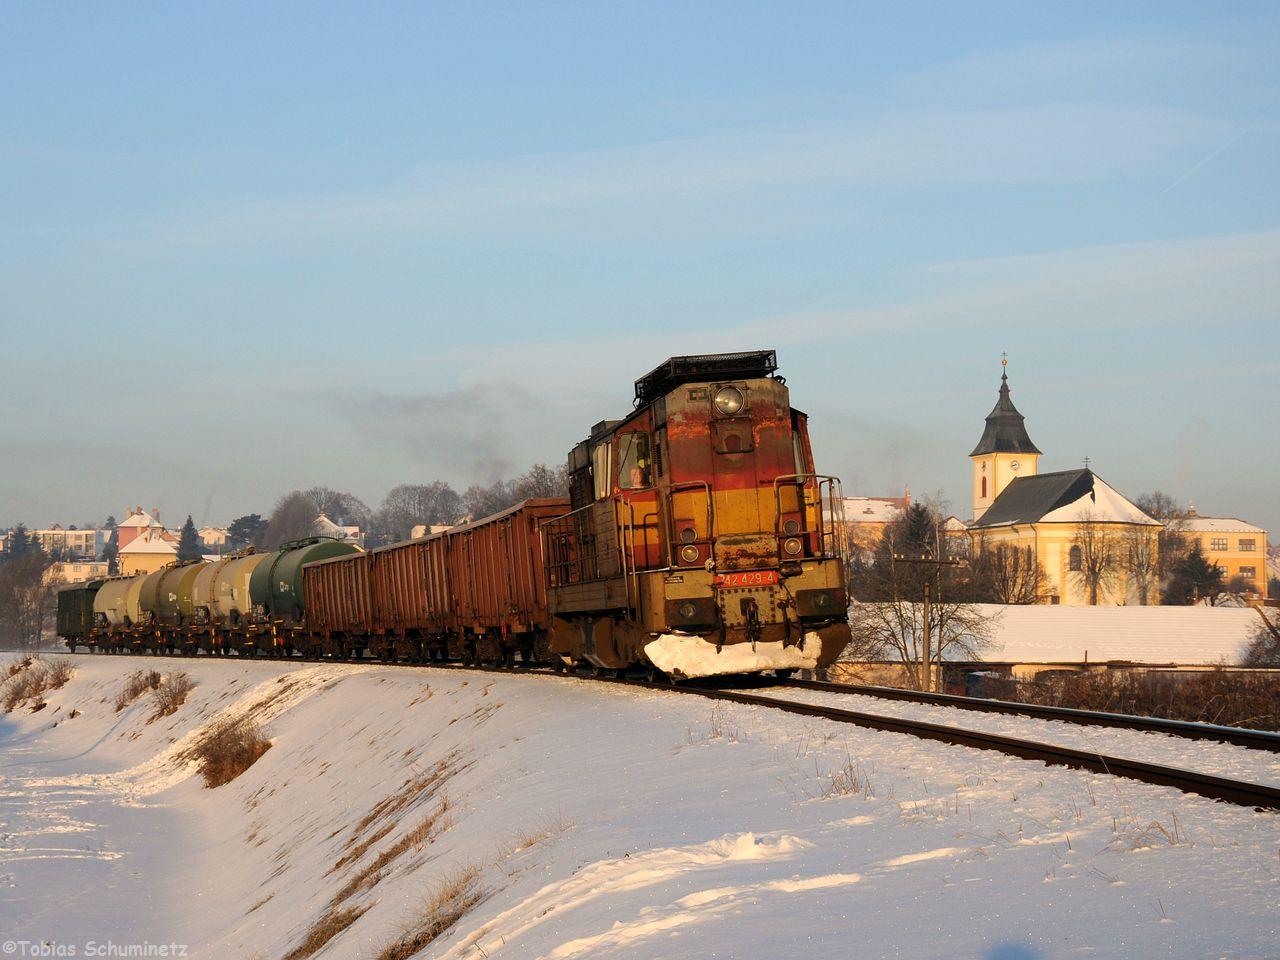 Am 19. Januar bin ich dann nach Tschechien gefahren. Ich wollte an der KBS240 von Jihlava nach Brno (Brünn) fotografieren. Die Schnellzüge werden zur Zeit dort nur zwischen Jihlava und Okrisky gefahren, auf dem restlichen Streckenstück sind Bauarbeiten. Bei einer Eiseskälte, das Thermometer zeigte -21 Grad Celsius an- rollte vor dem eigentlichen ziel glücklicherweise im ersten Morgenlicht noch 742 429 mit einem Manipulak durch.